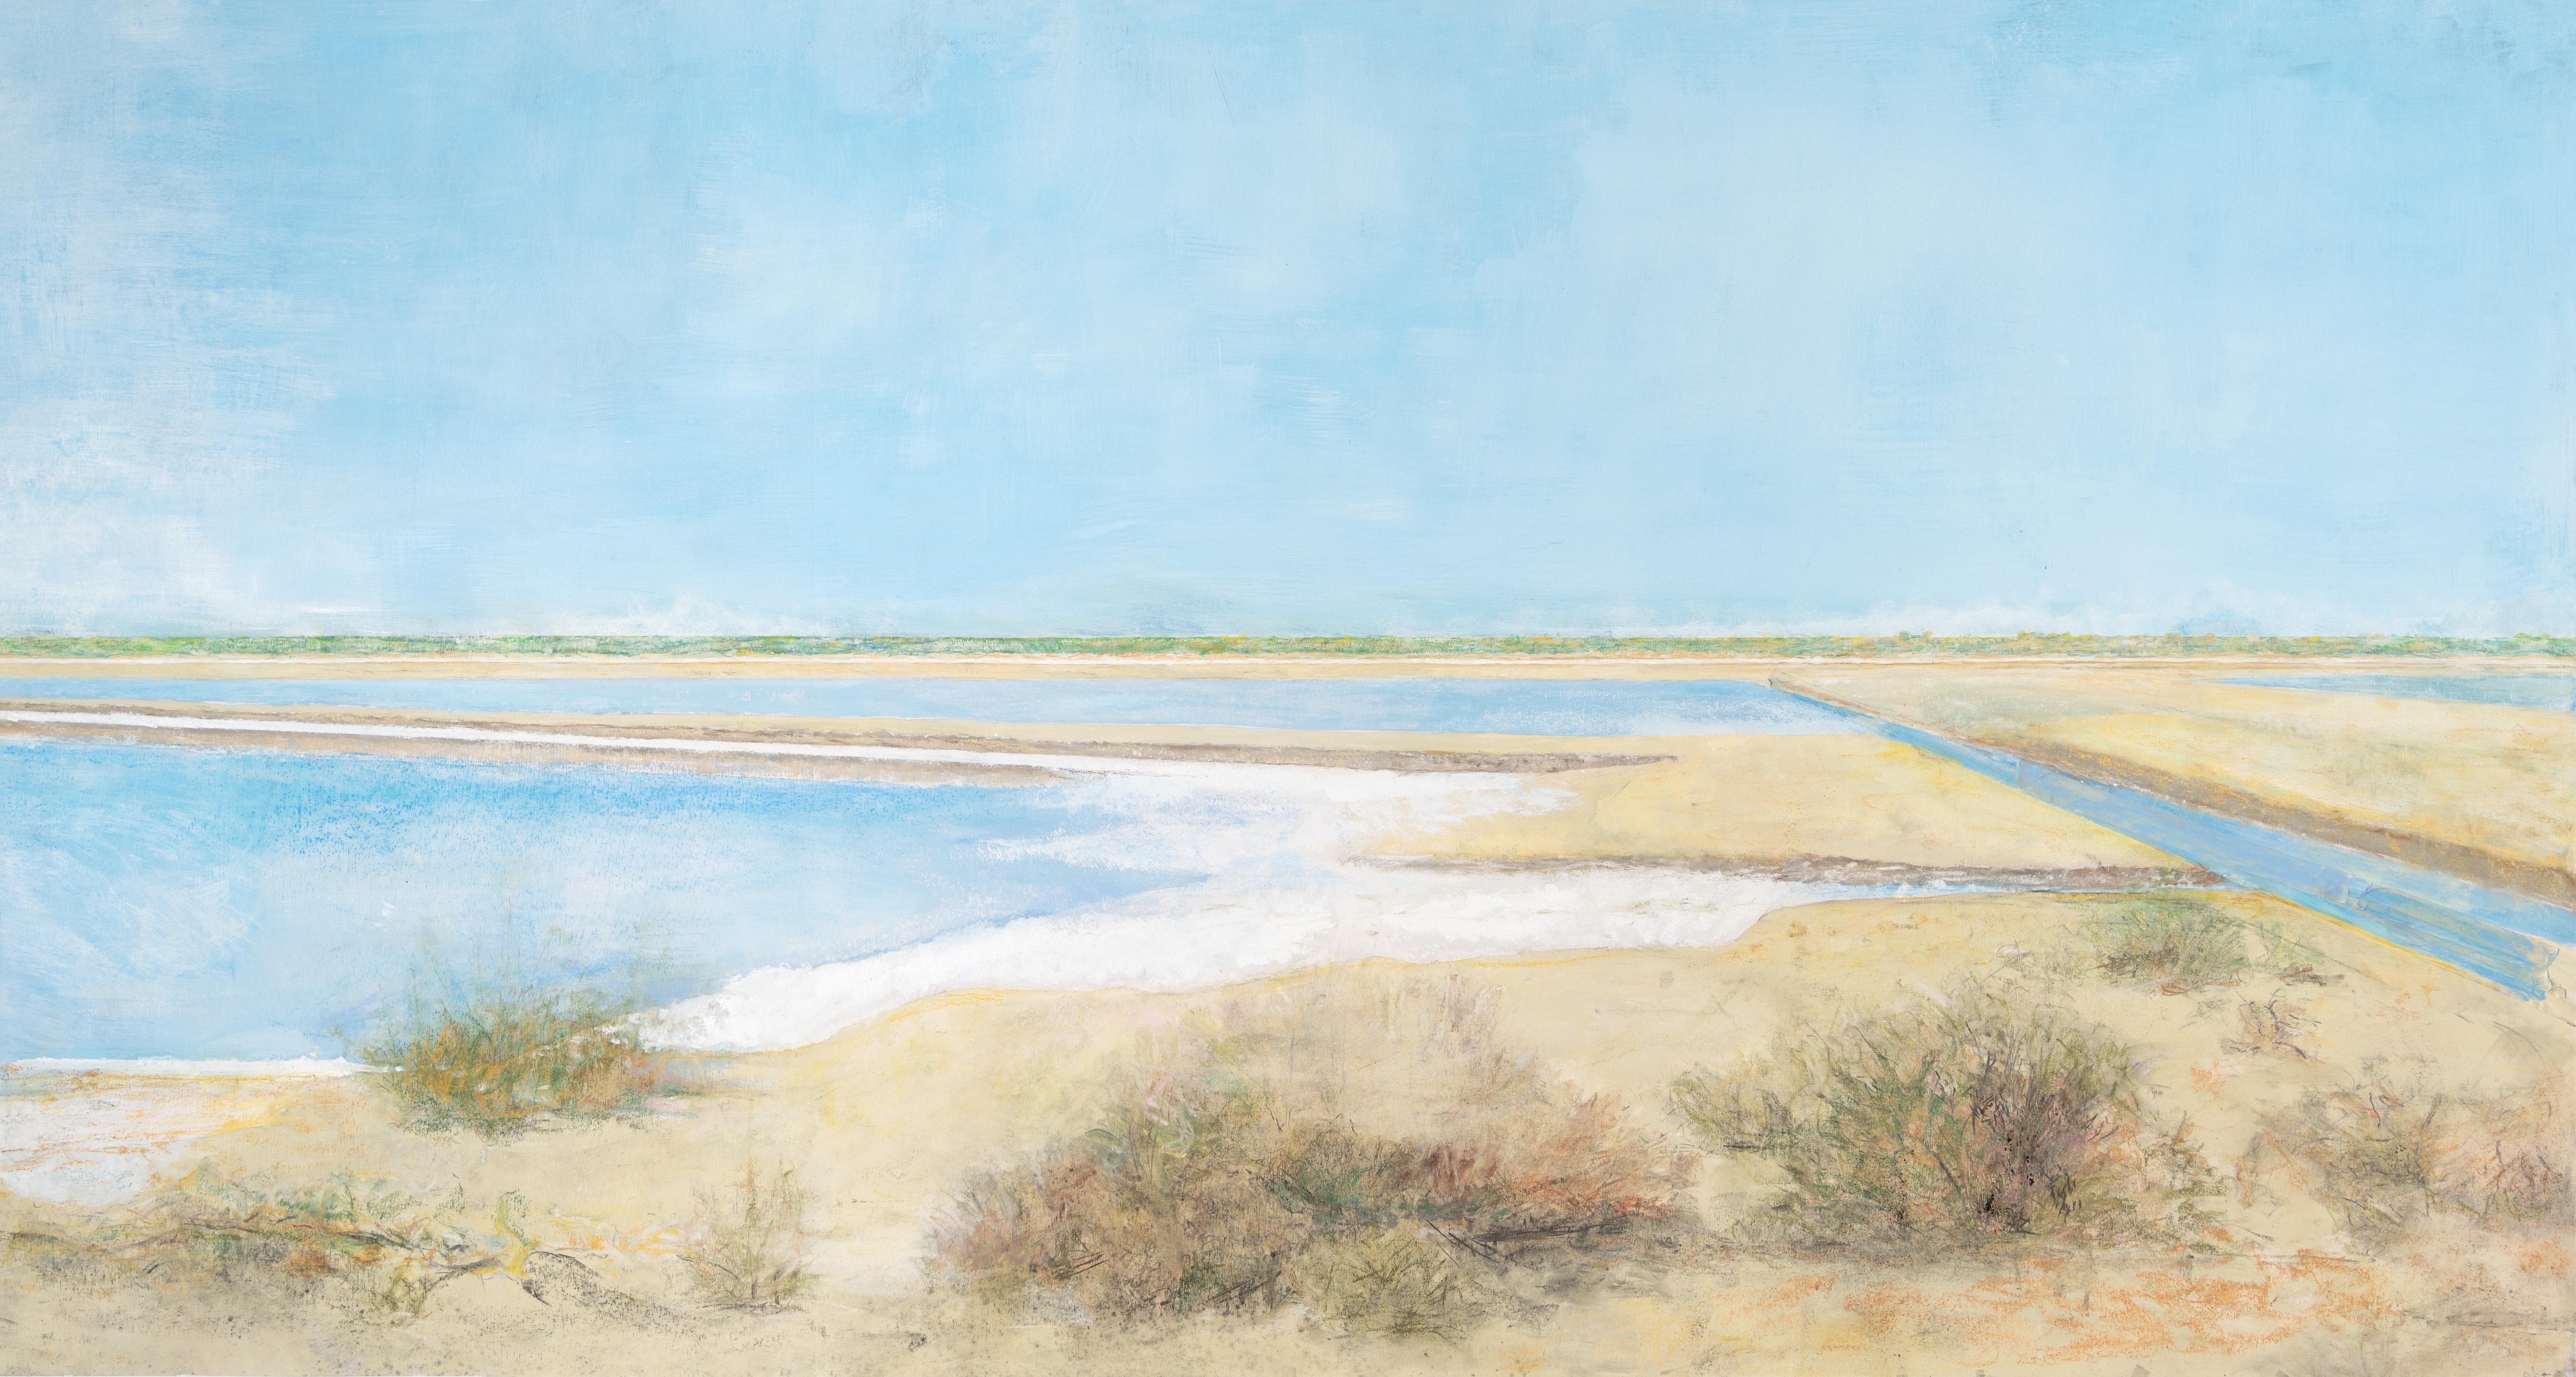 La Sal, Salinas de Bonanza, Sanlúcar de Barrameda, Los Caños, Esteros. (c) Claudio del Campo